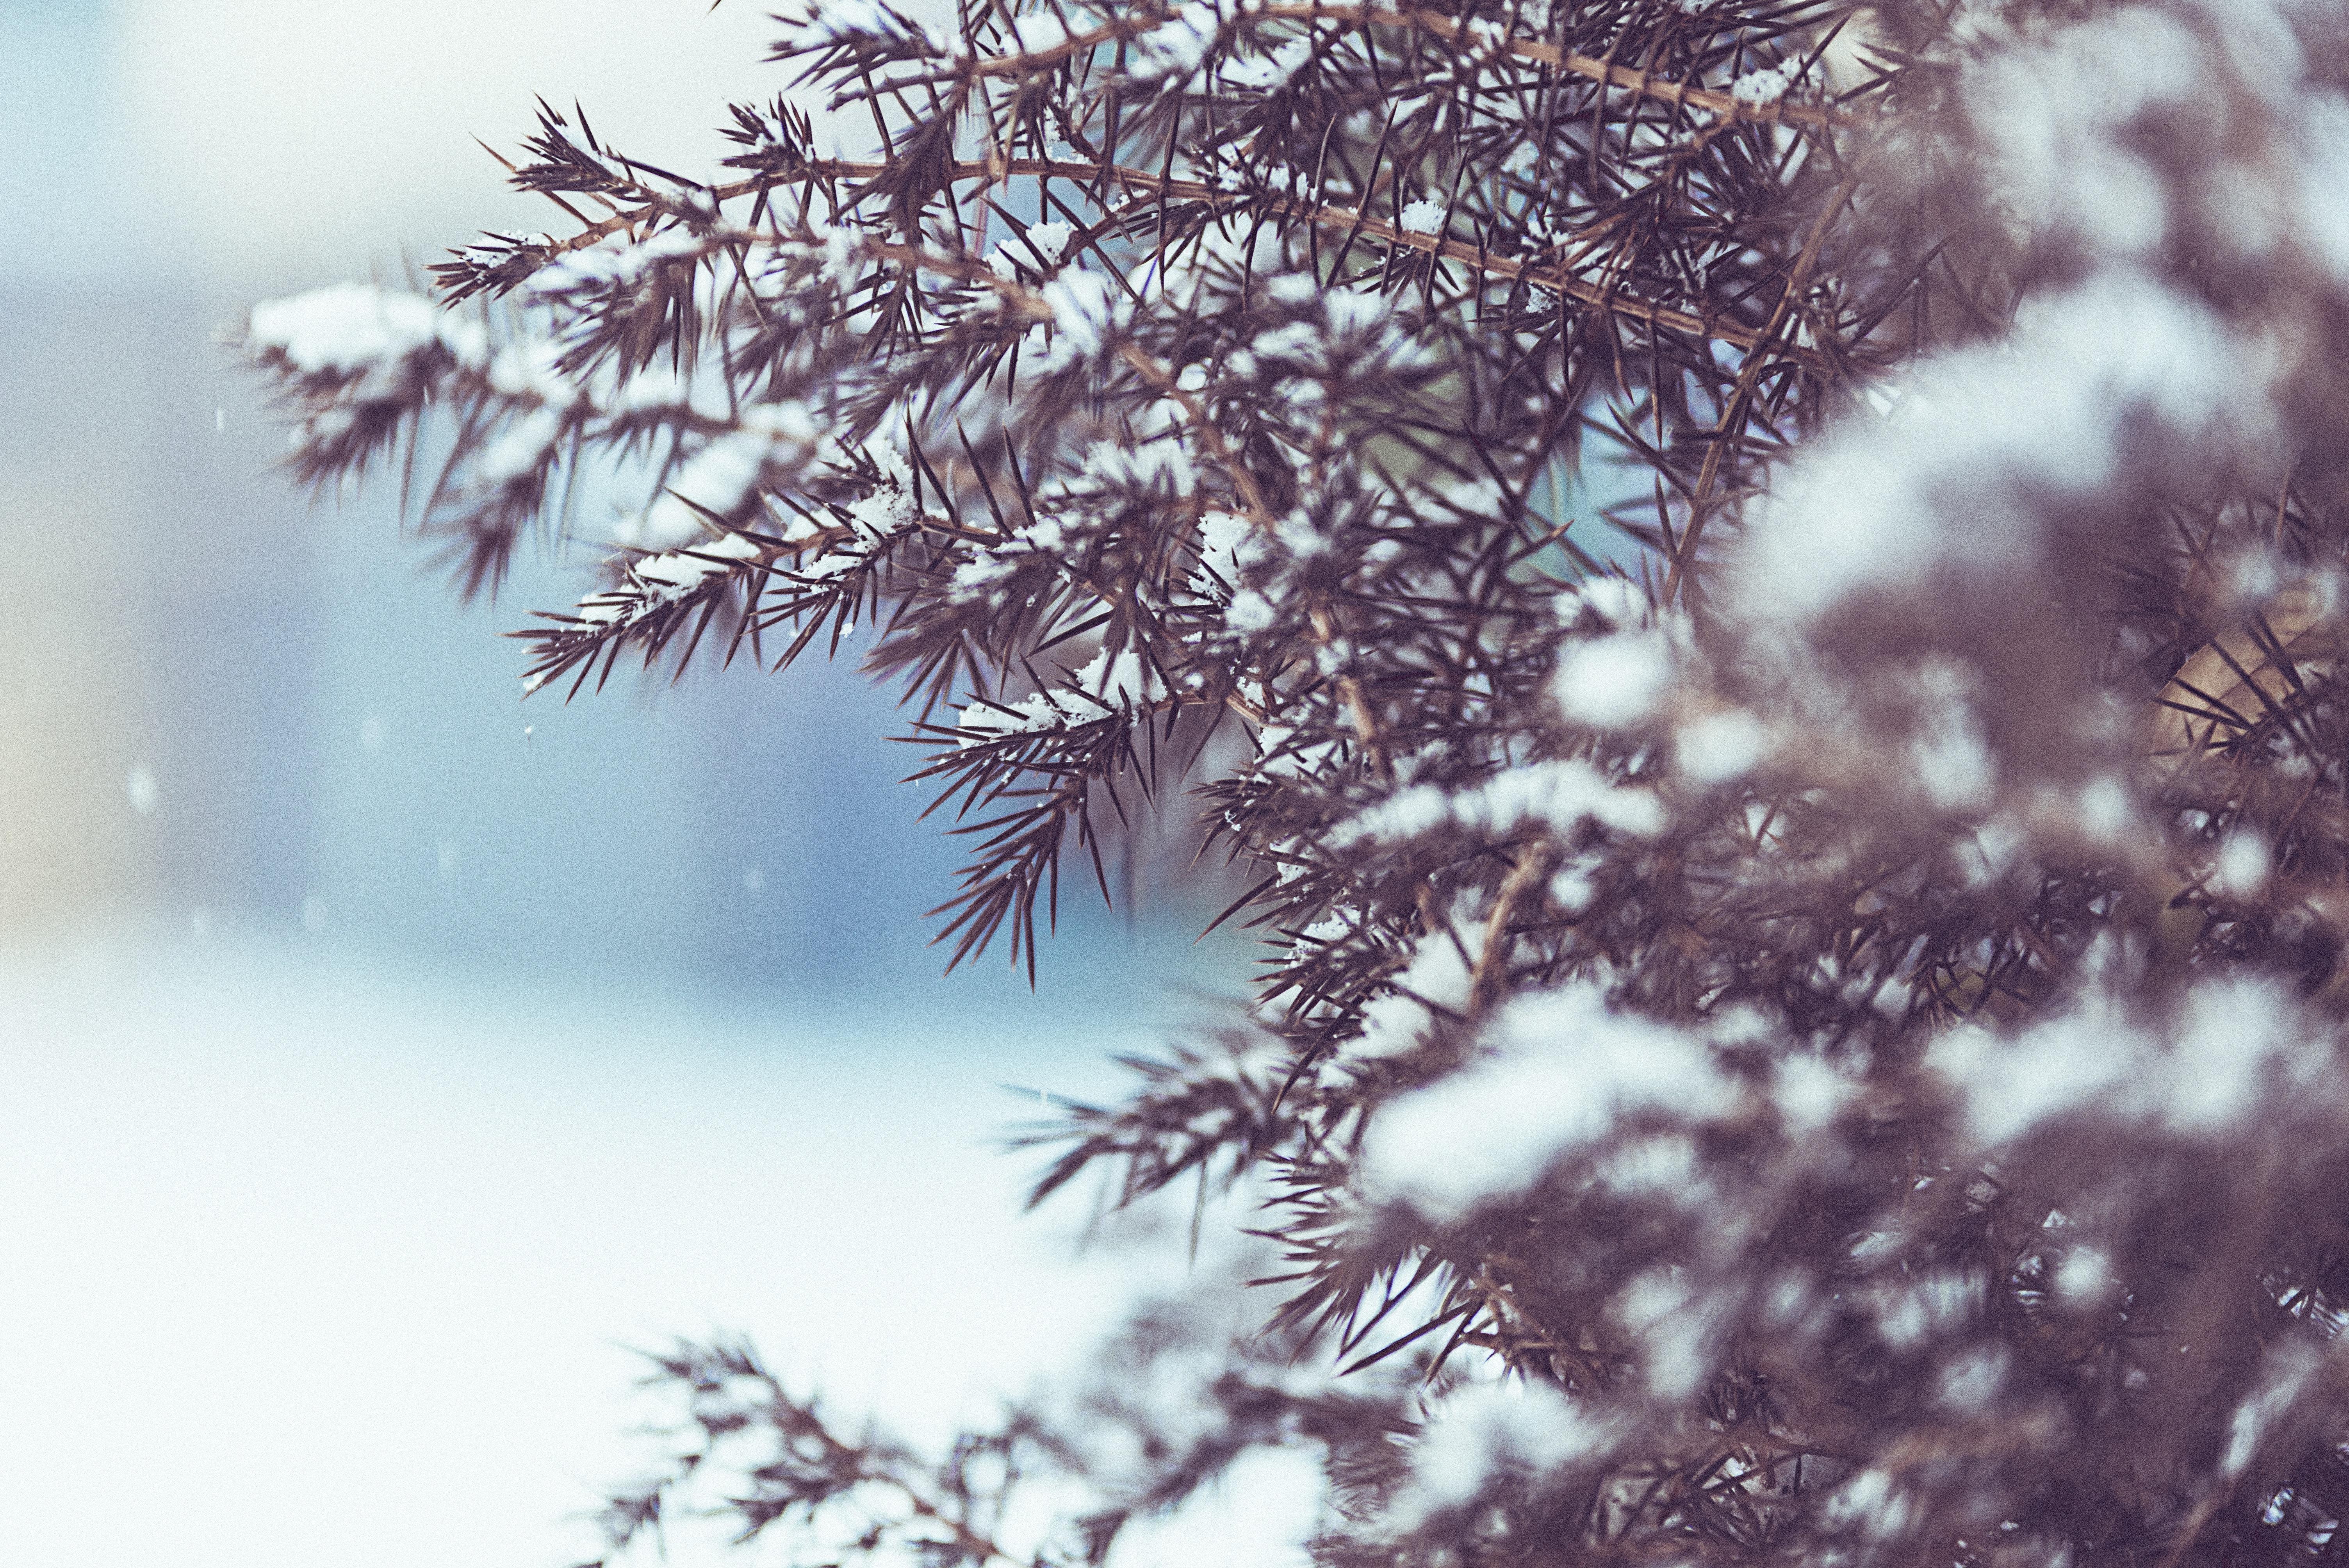 winter tree snow 1574937859 - Winter Tree Snow -